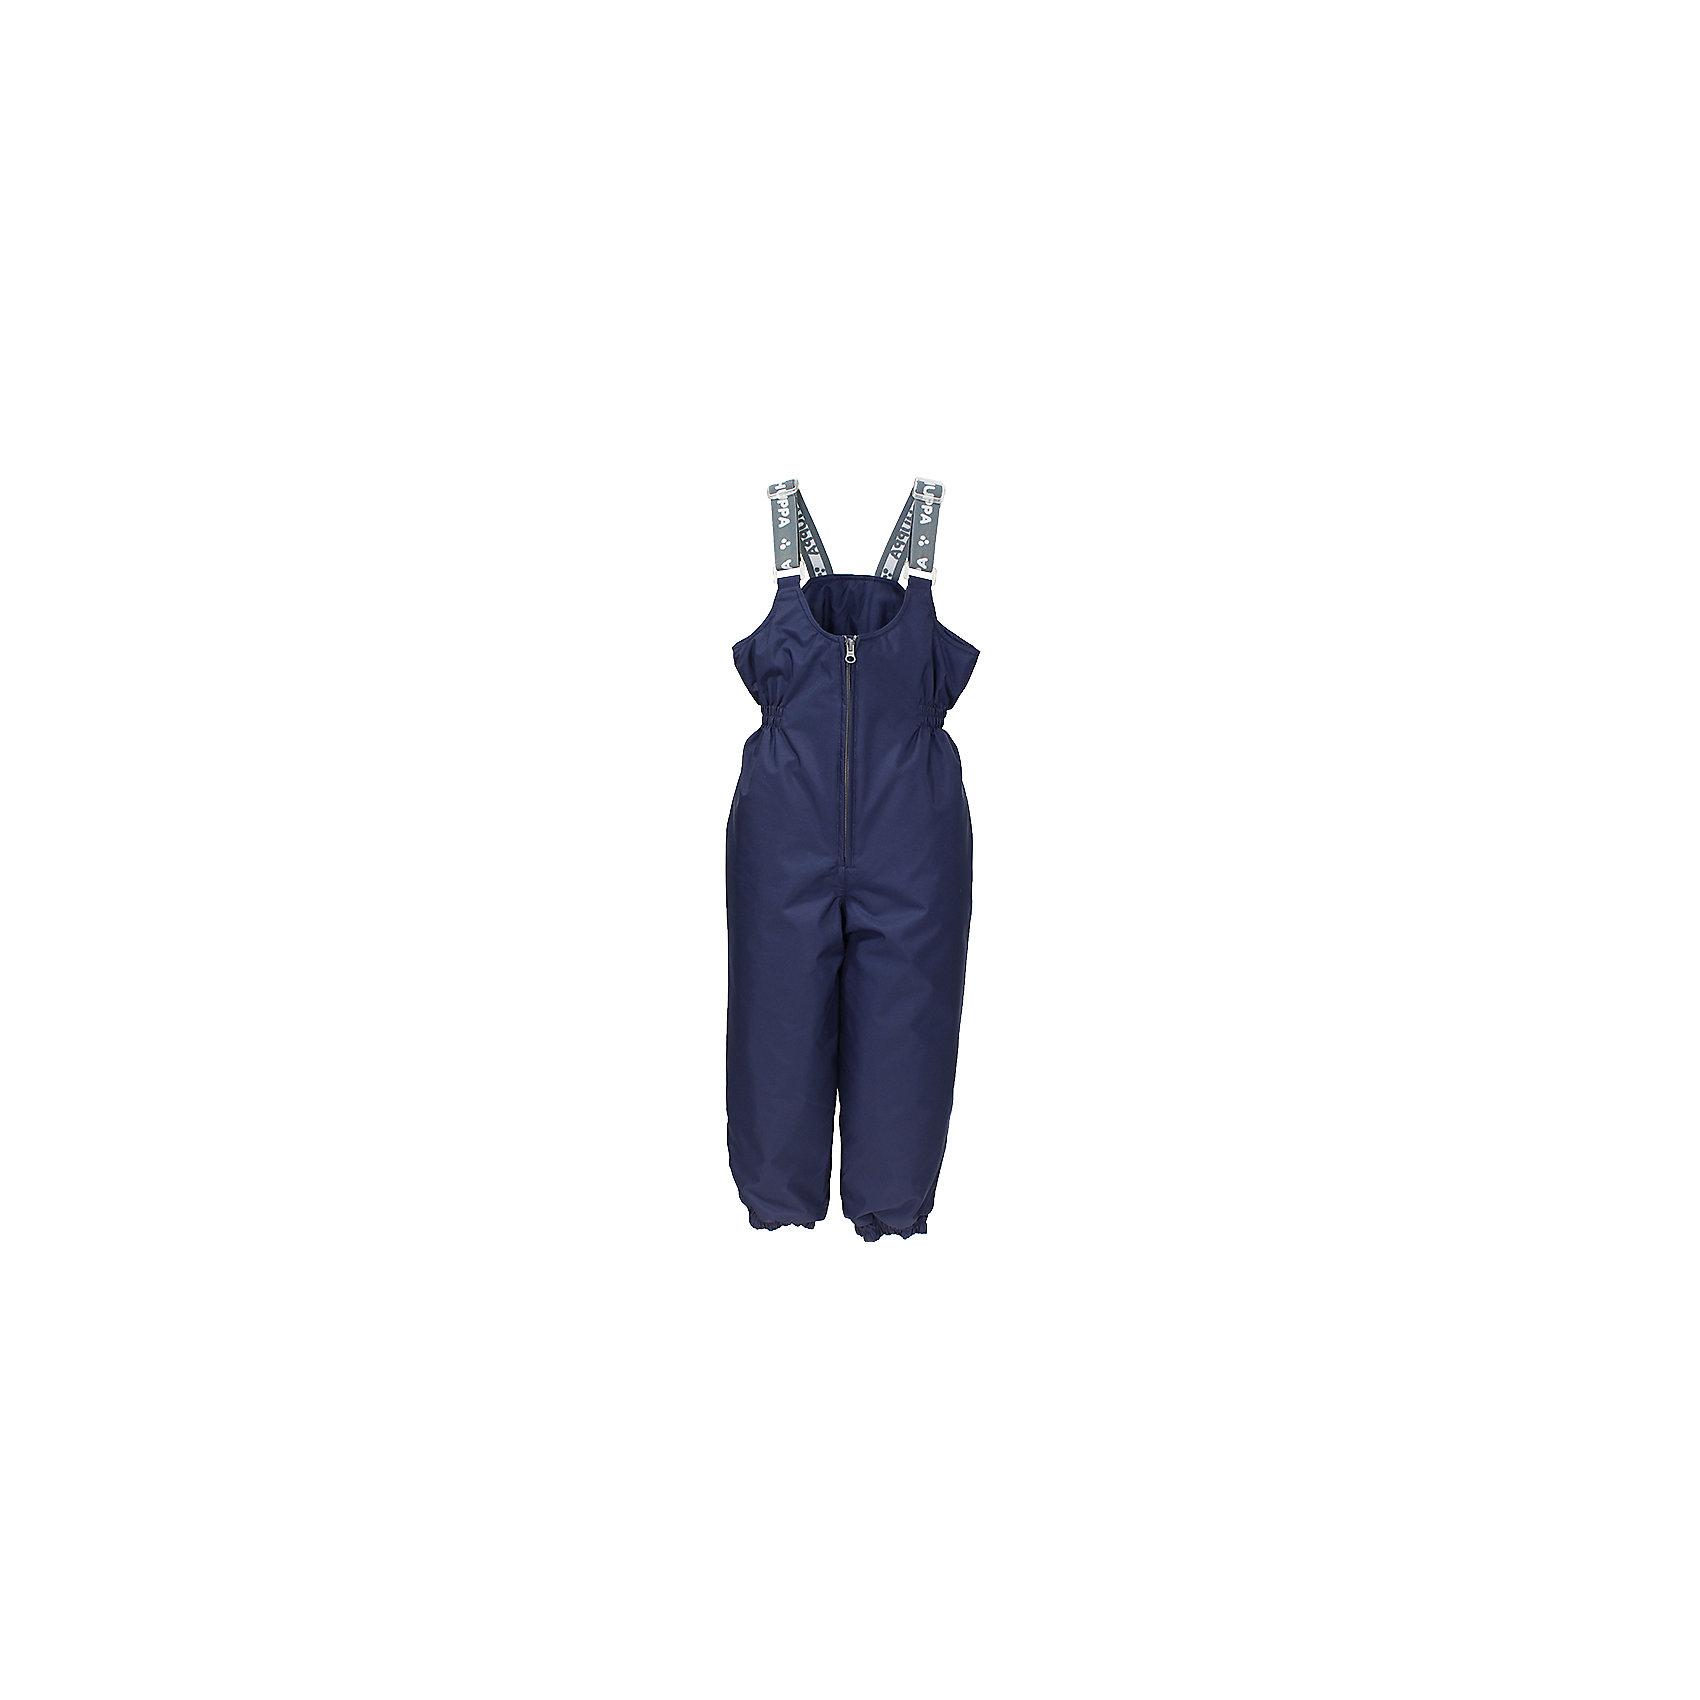 Брюки для мальчика HuppaВерхняя одежда<br>Утепленные брюки FUNNY Huppa(Хуппа).<br><br>Утеплитель: 100% полиэстер, 160 гр.<br><br>Температурный режим: до -20 градусов. Степень утепления – средняя. <br><br>* Температурный режим указан приблизительно — необходимо, прежде всего, ориентироваться на ощущения ребенка. Температурный режим работает в случае соблюдения правила многослойности – использования флисовой поддевы и термобелья.<br><br>Изготовлены из прочных и качественных материалов. Они прекрасно подойдут для зимних прогулок и активного отдыха.<br><br>Особенности:<br>-утеплитель HuppaTherm легко восстанавливается в объеме. Его легко стирать и сушить<br>-специальная дышащая мембрана не пропустит воду и ветер под одежду<br>-проклейка швов водостойкой лентой<br>-резинка на талии и манжетах помогут брюкам хорошо держаться на теле<br>-регулируемые подтяжки<br>-светоотражающие элементы для обеспечения безопасности в темное время суток<br><br>Дополнительная информация:<br>Цвет: темно-синий<br>Материал: 100% полиэстер<br>Подкладка: тафта - 100% полиэстер<br><br>Брюки FUNNY Huppa(Хуппа) можно купить в нашем интернет-магазине.<br><br>Ширина мм: 215<br>Глубина мм: 88<br>Высота мм: 191<br>Вес г: 336<br>Цвет: синий<br>Возраст от месяцев: 12<br>Возраст до месяцев: 15<br>Пол: Мужской<br>Возраст: Детский<br>Размер: 80,140,86,92,98,104,110,116,122,128,134<br>SKU: 4928423